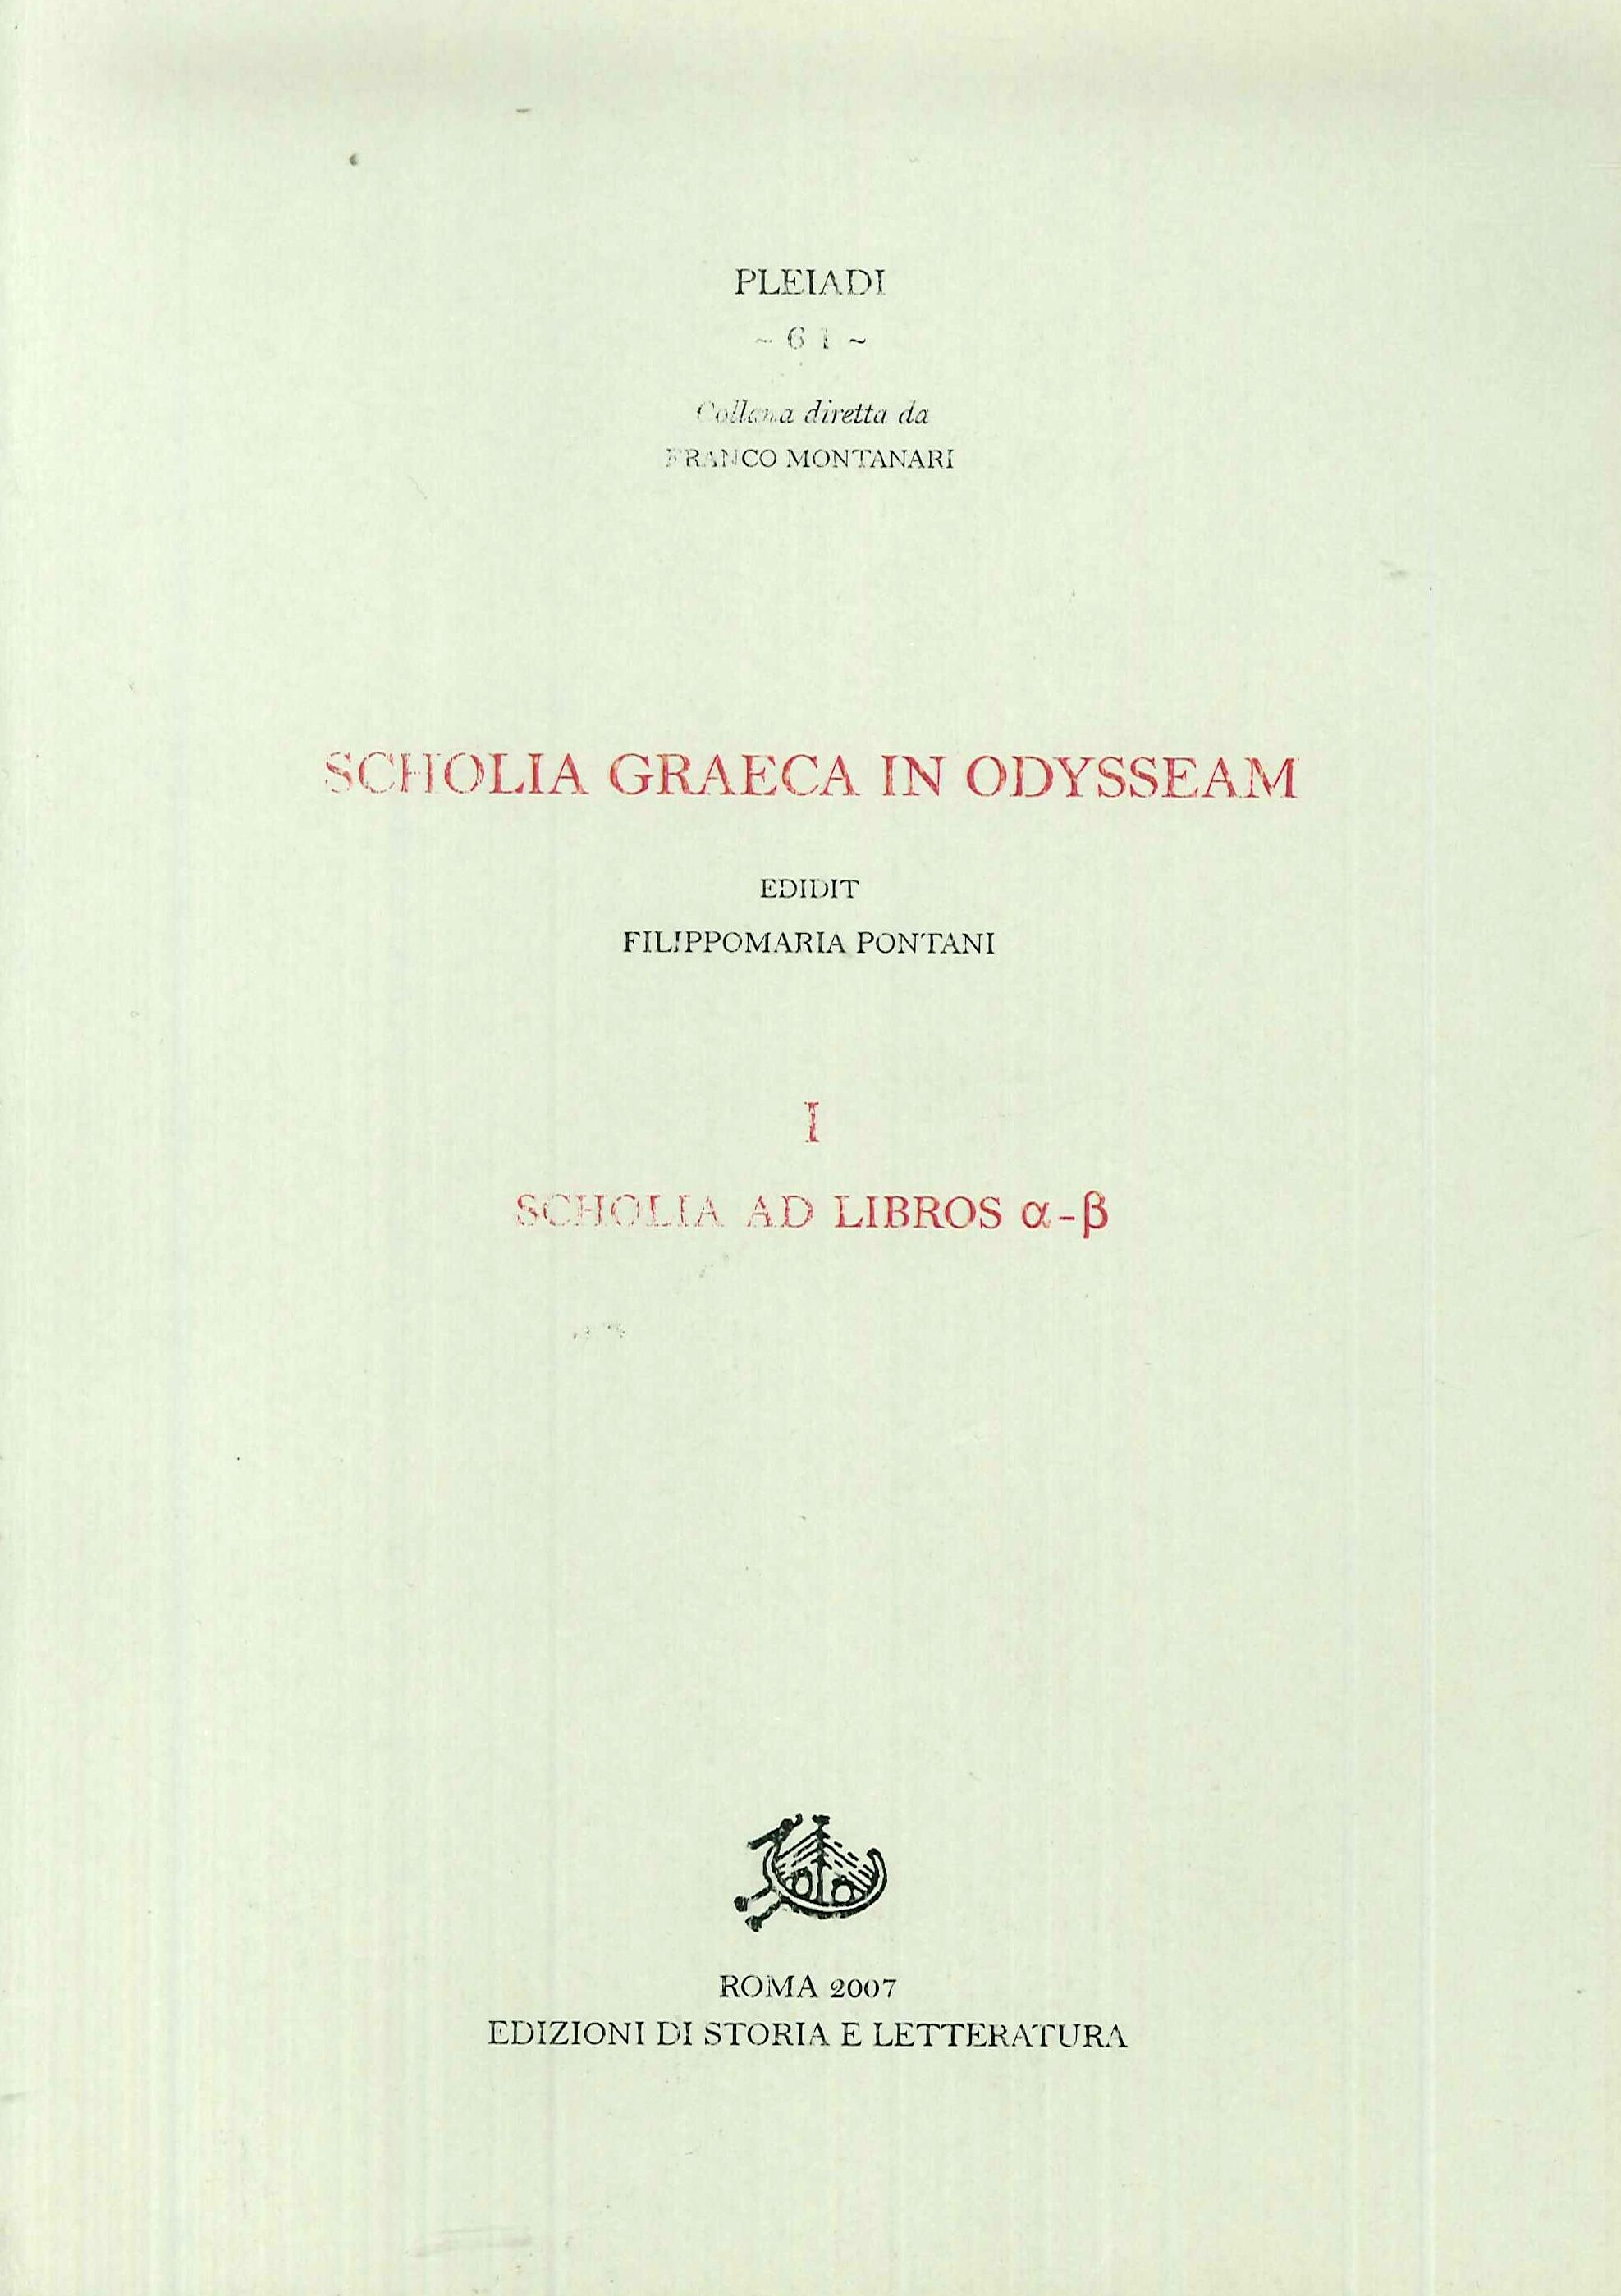 Scholia graeca in Odysseam. Vol. 1: Scholia ad libros a-b